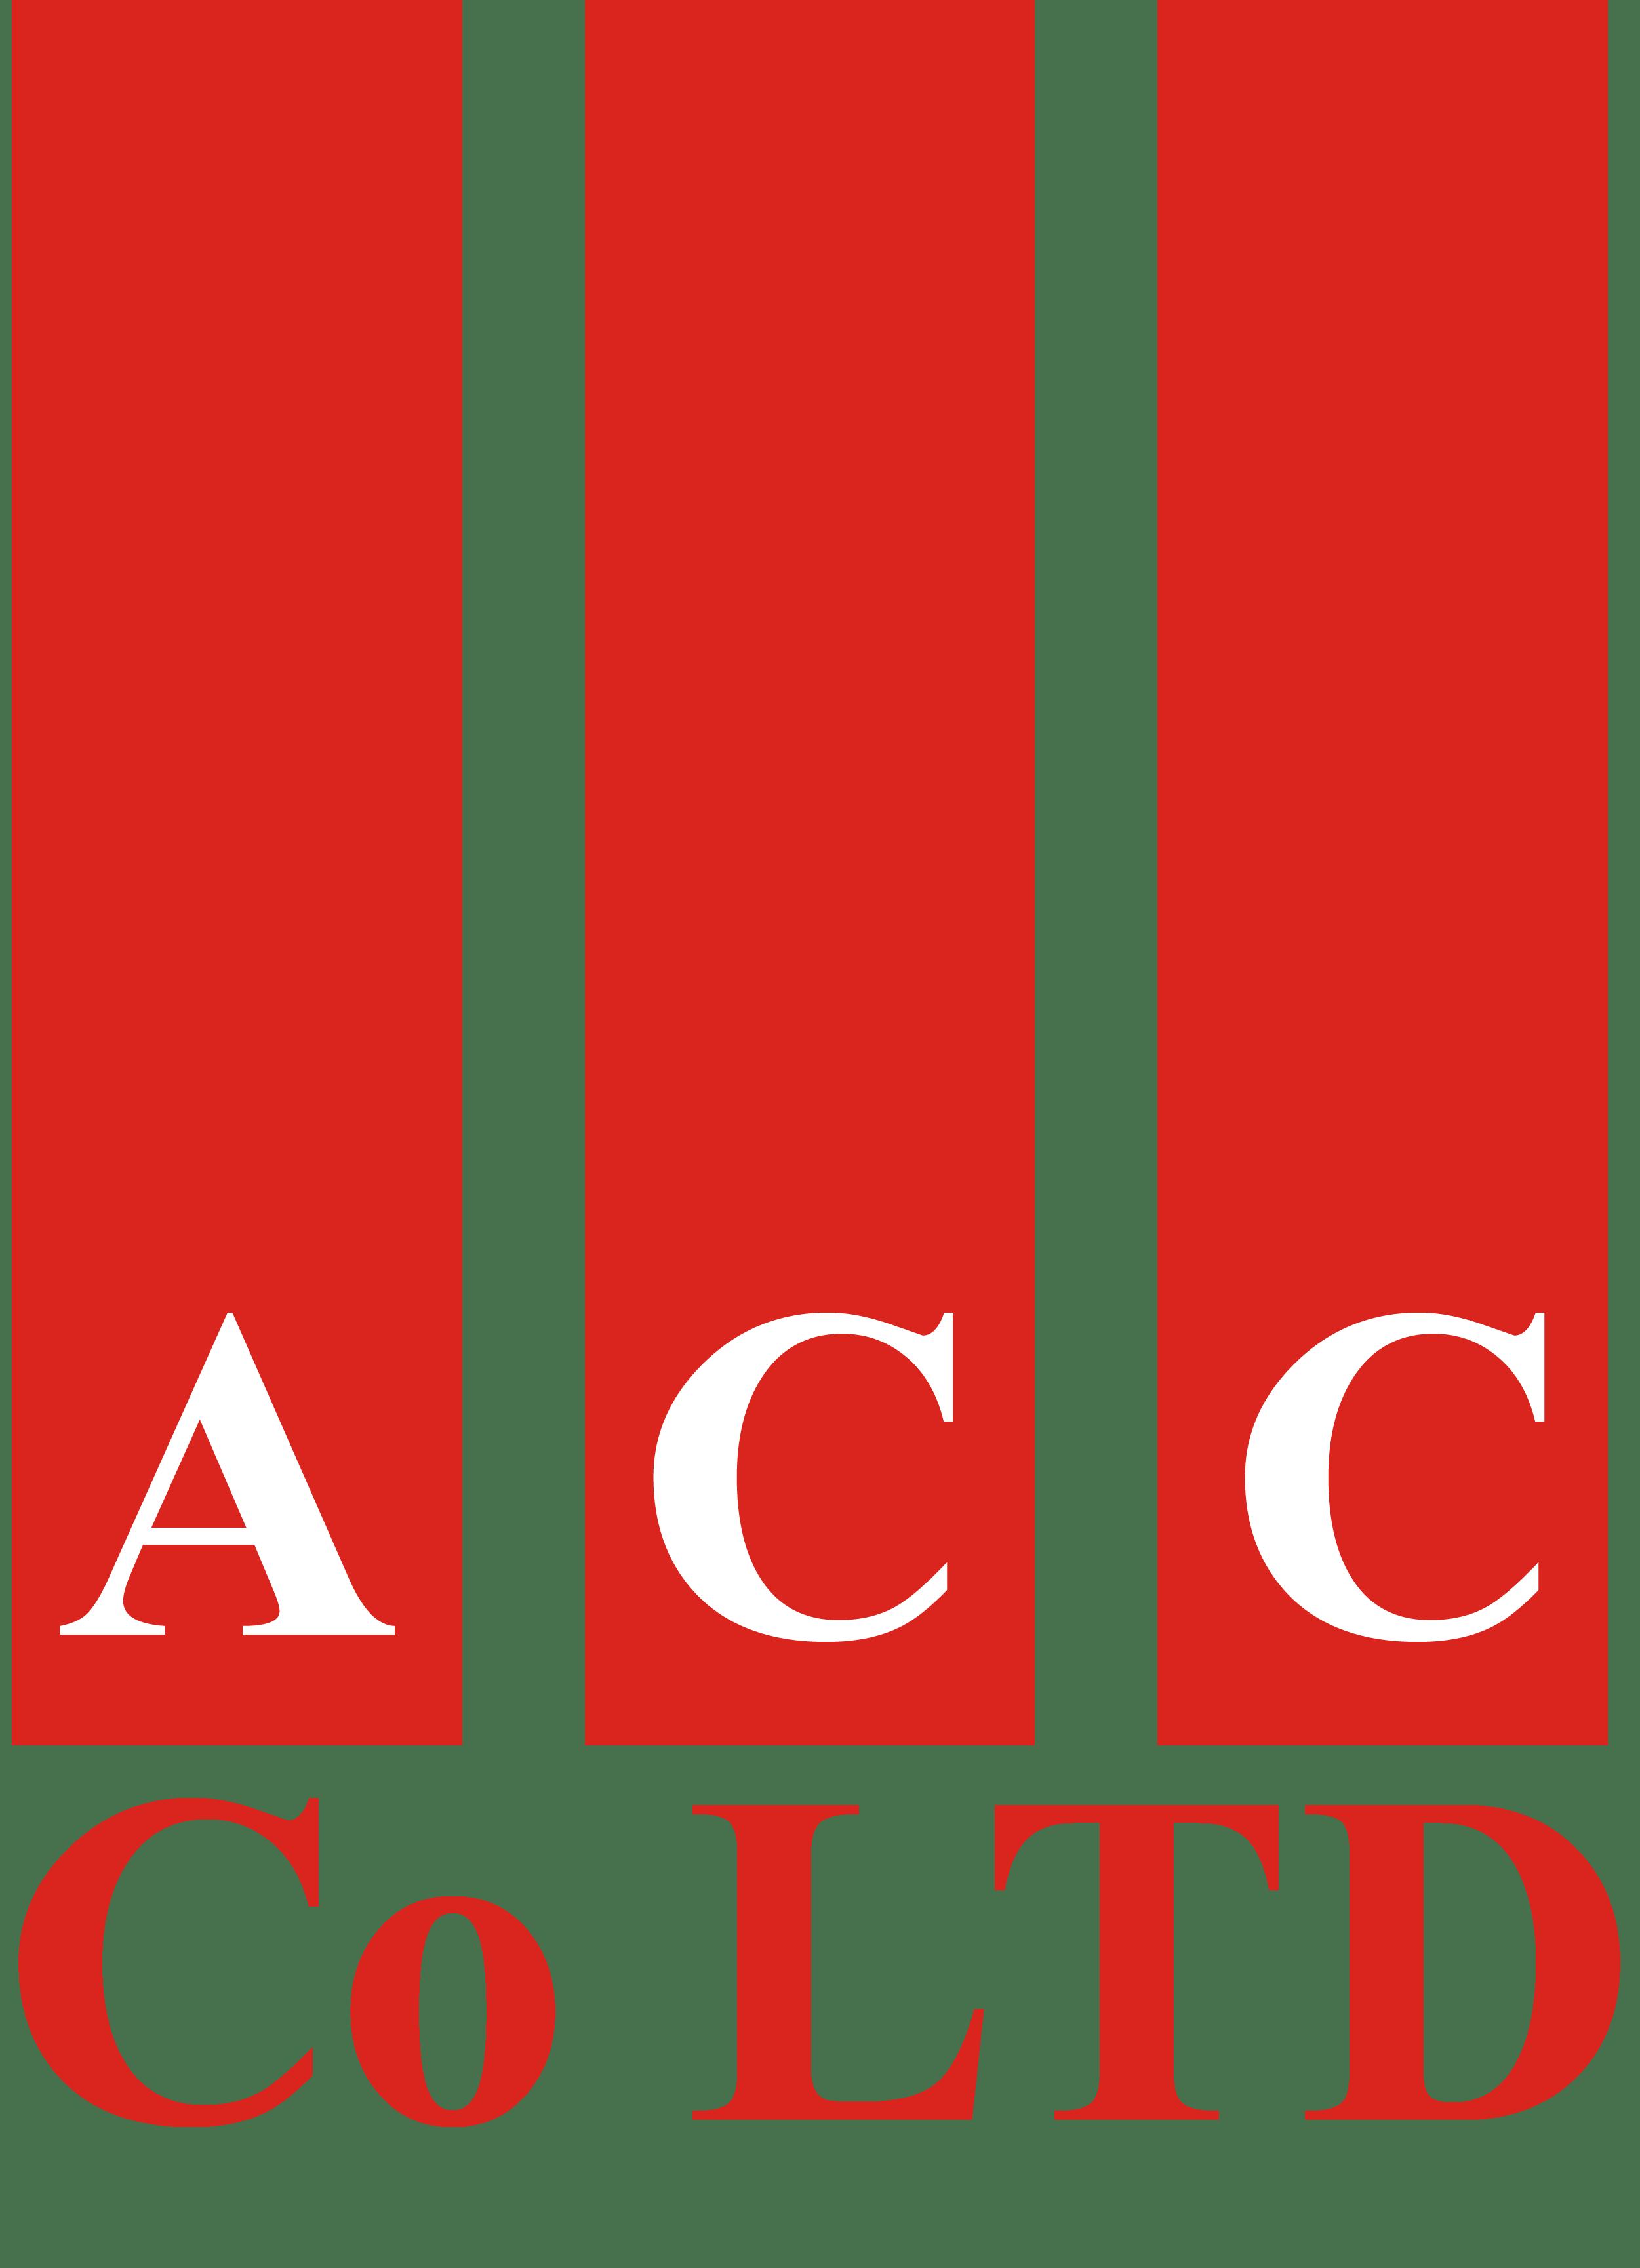 ACCCO LTD